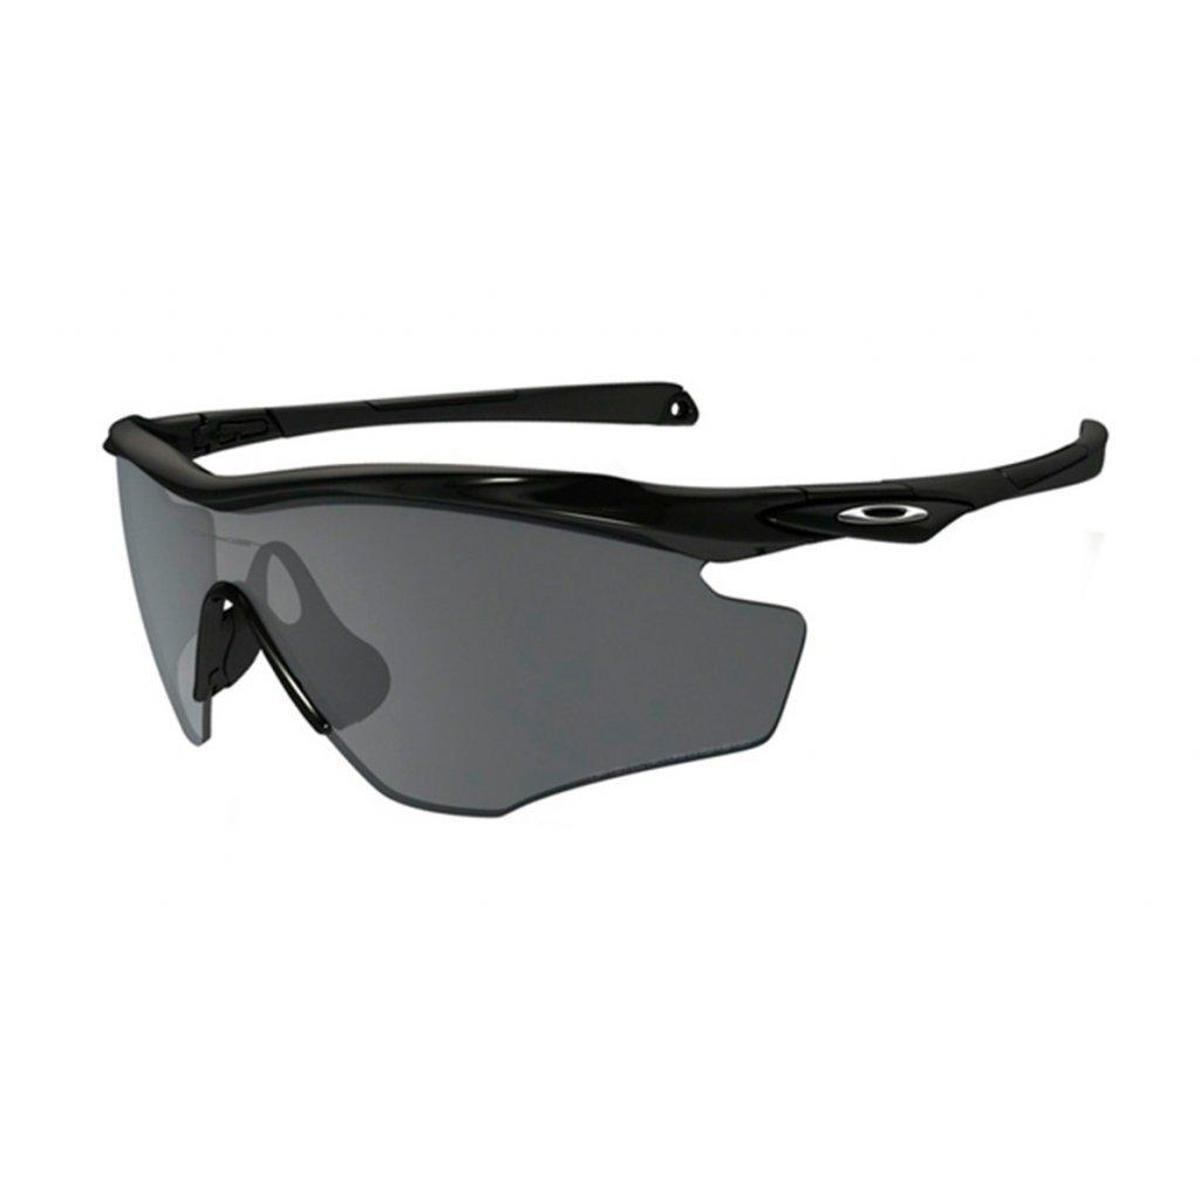 Óculos Oakley M2 Frame XL Polarized - Compre Agora  d2a808d0088